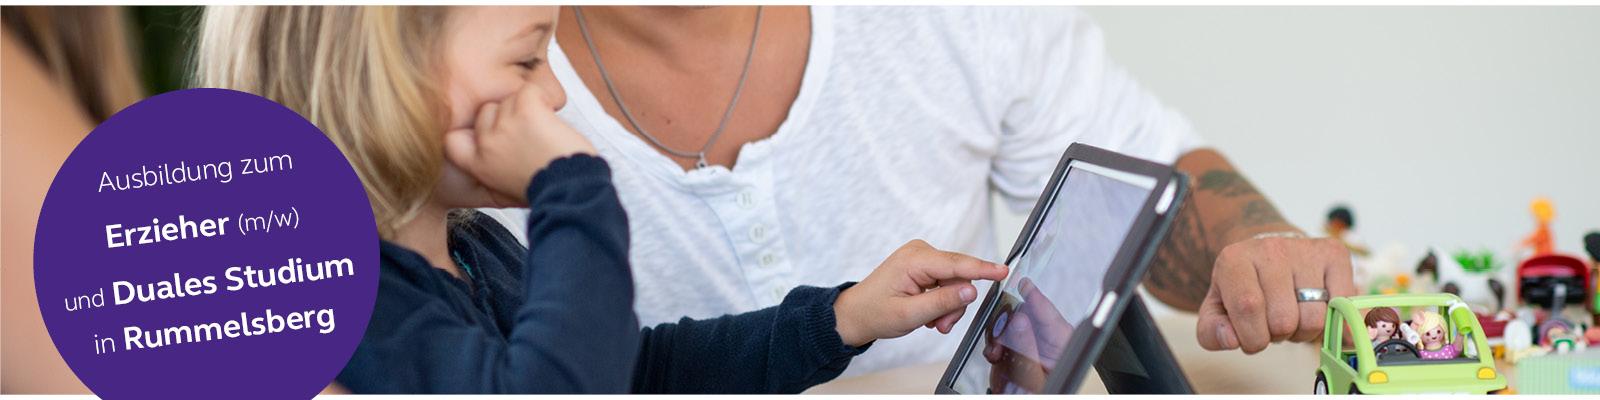 Kind spielt mit Tablet-PC im Hintergrund junger Mann mit tätowierten Arm